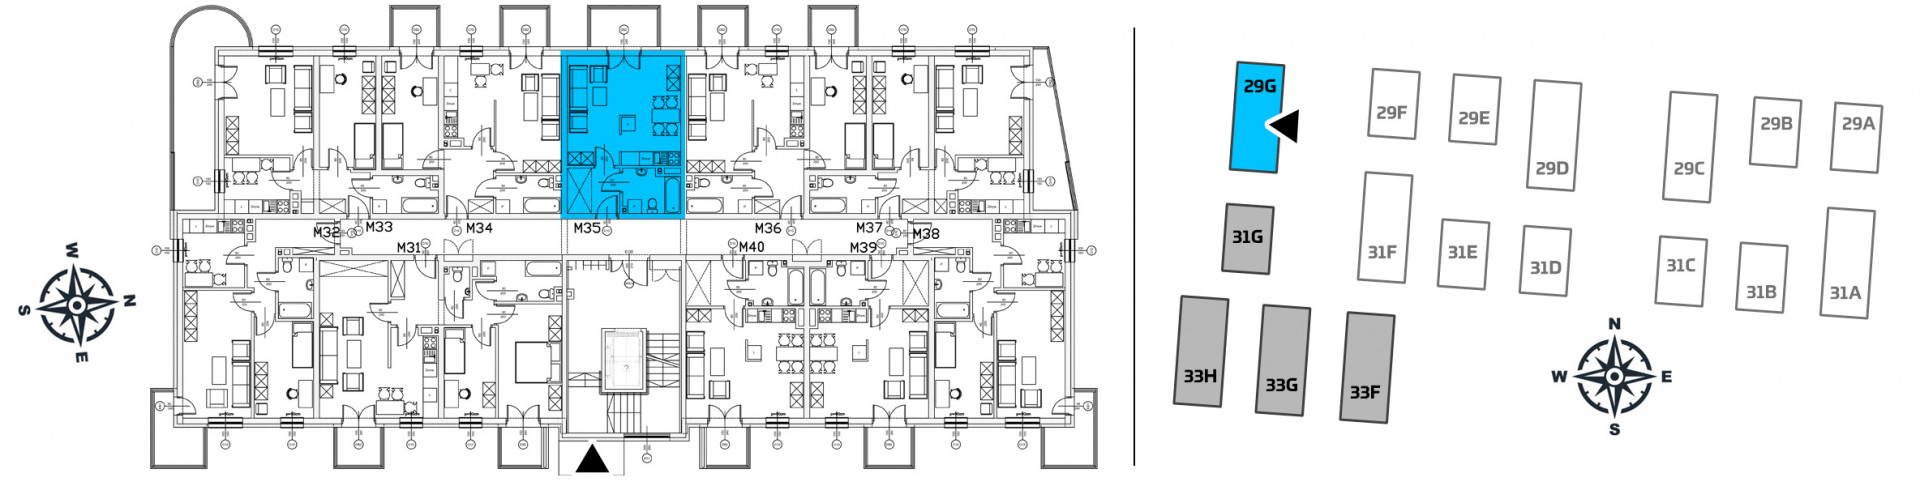 Mieszkanie jednopokojowe 29G/35 rzut 2